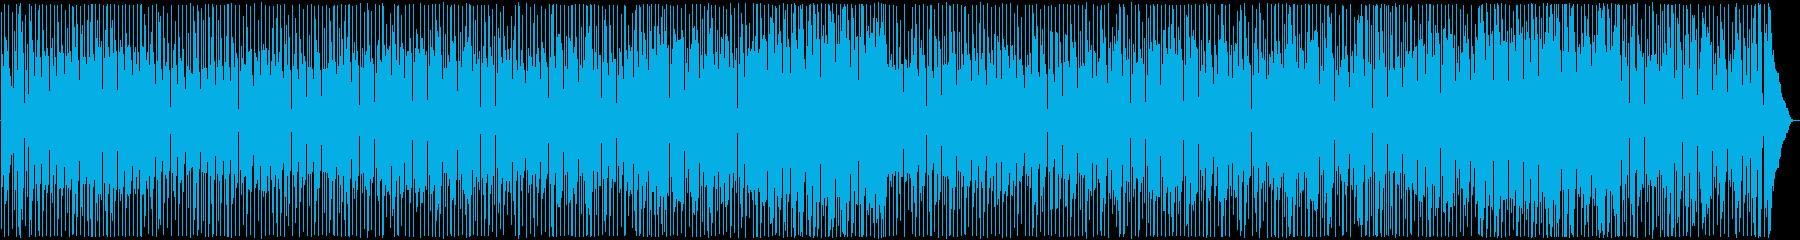 背景をポップします。 4ノンブロン...の再生済みの波形